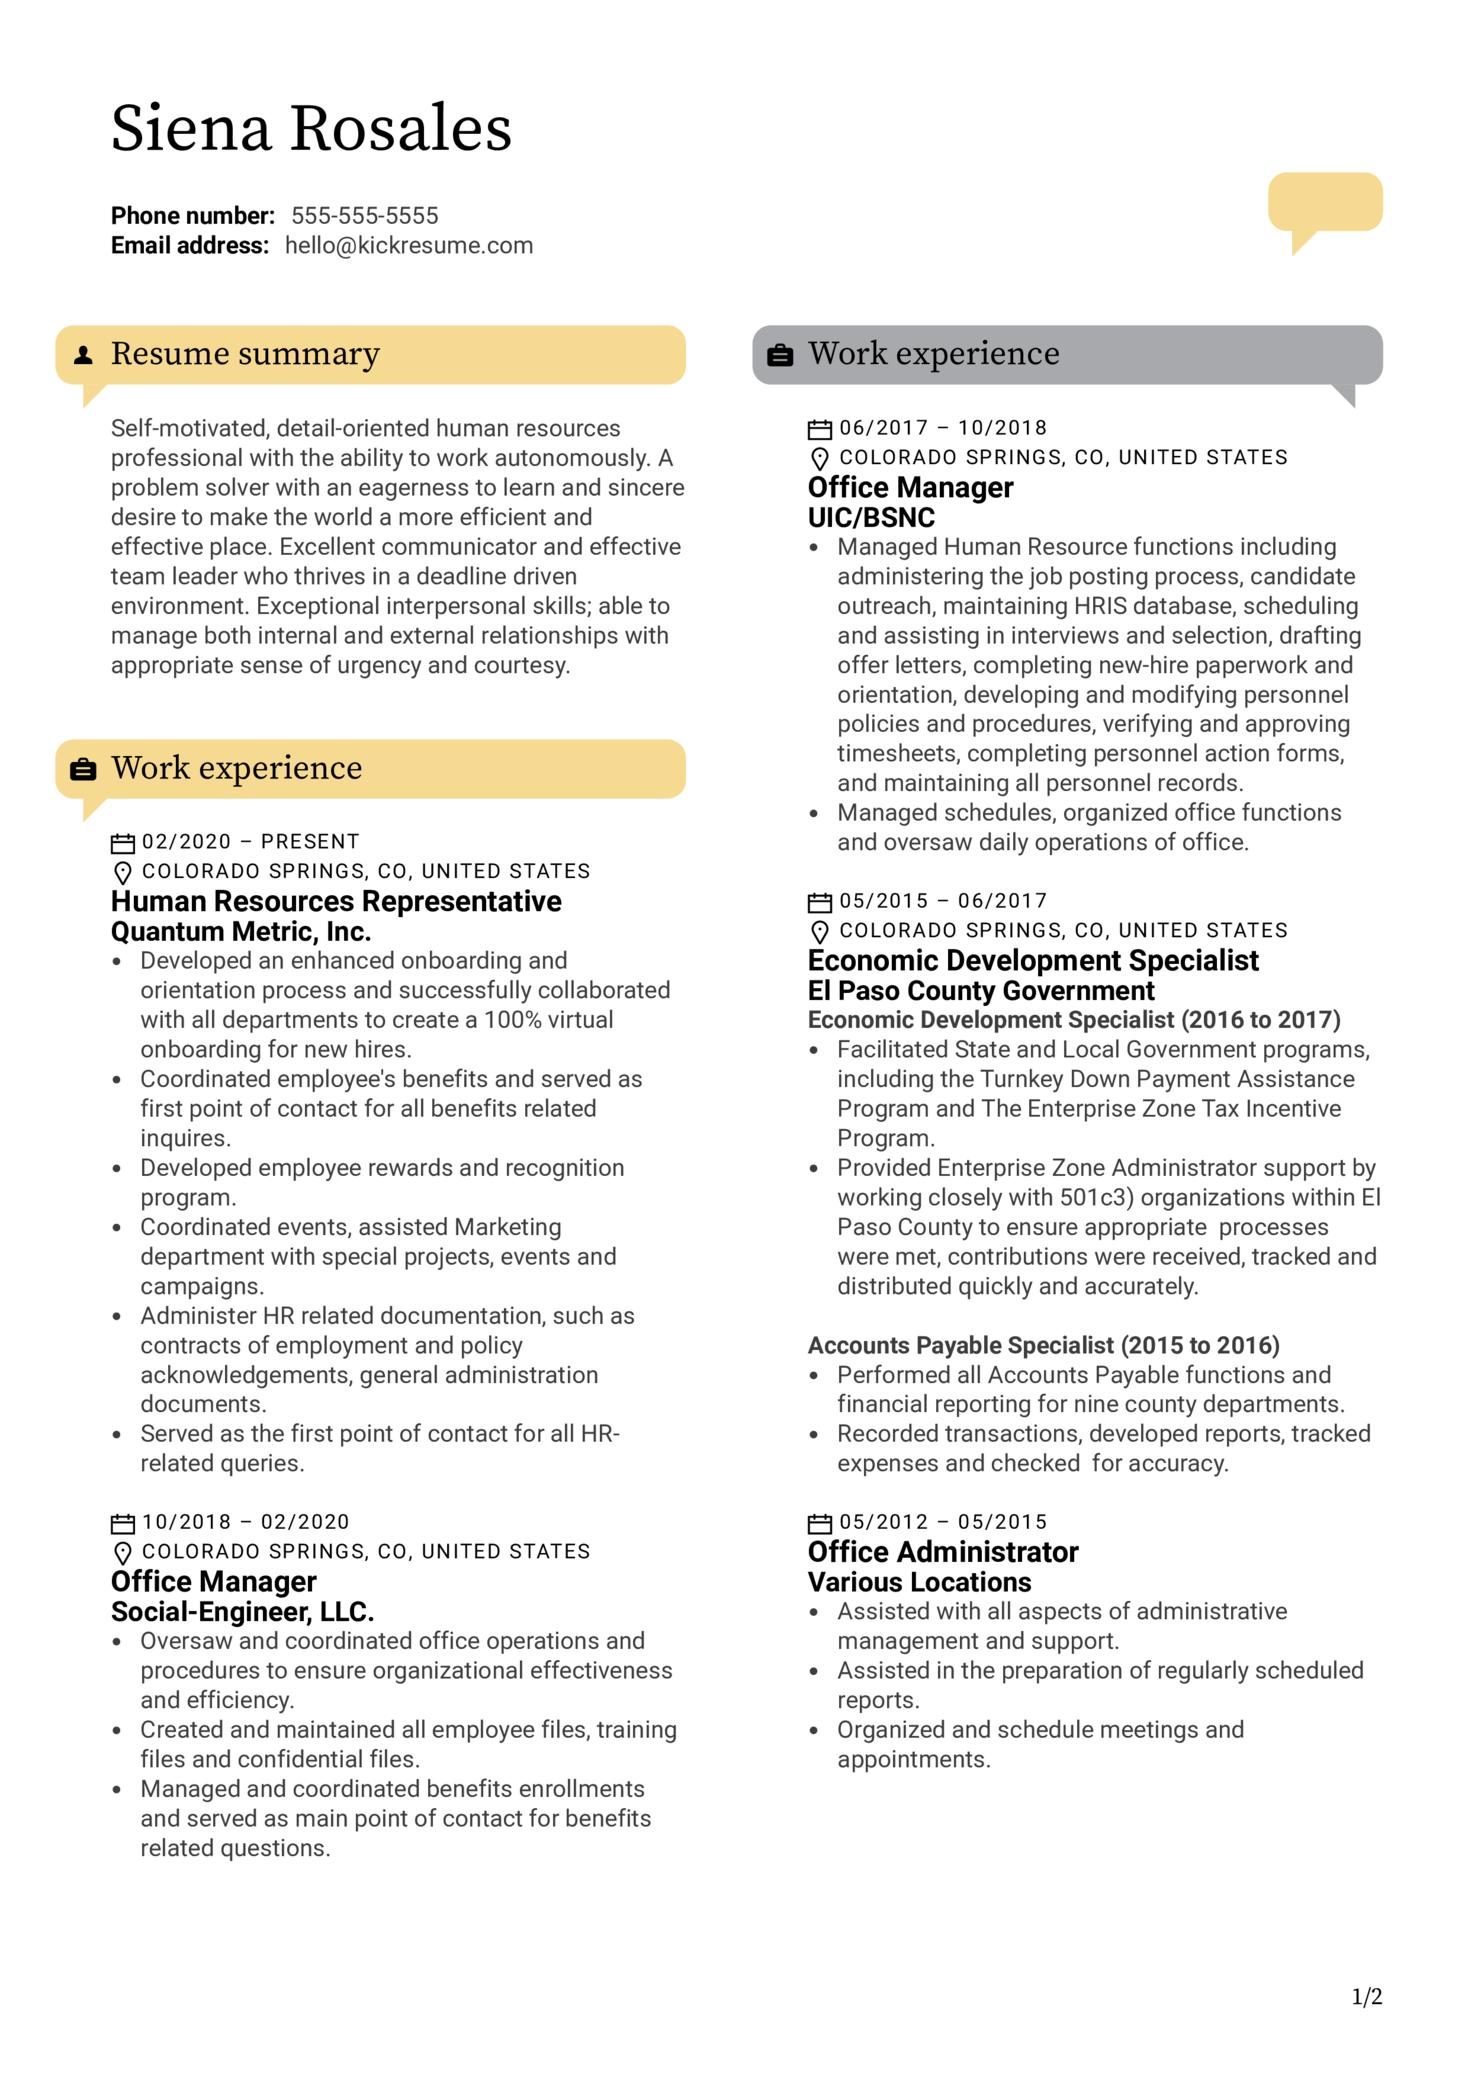 HR Representative Resume Example (časť 1)